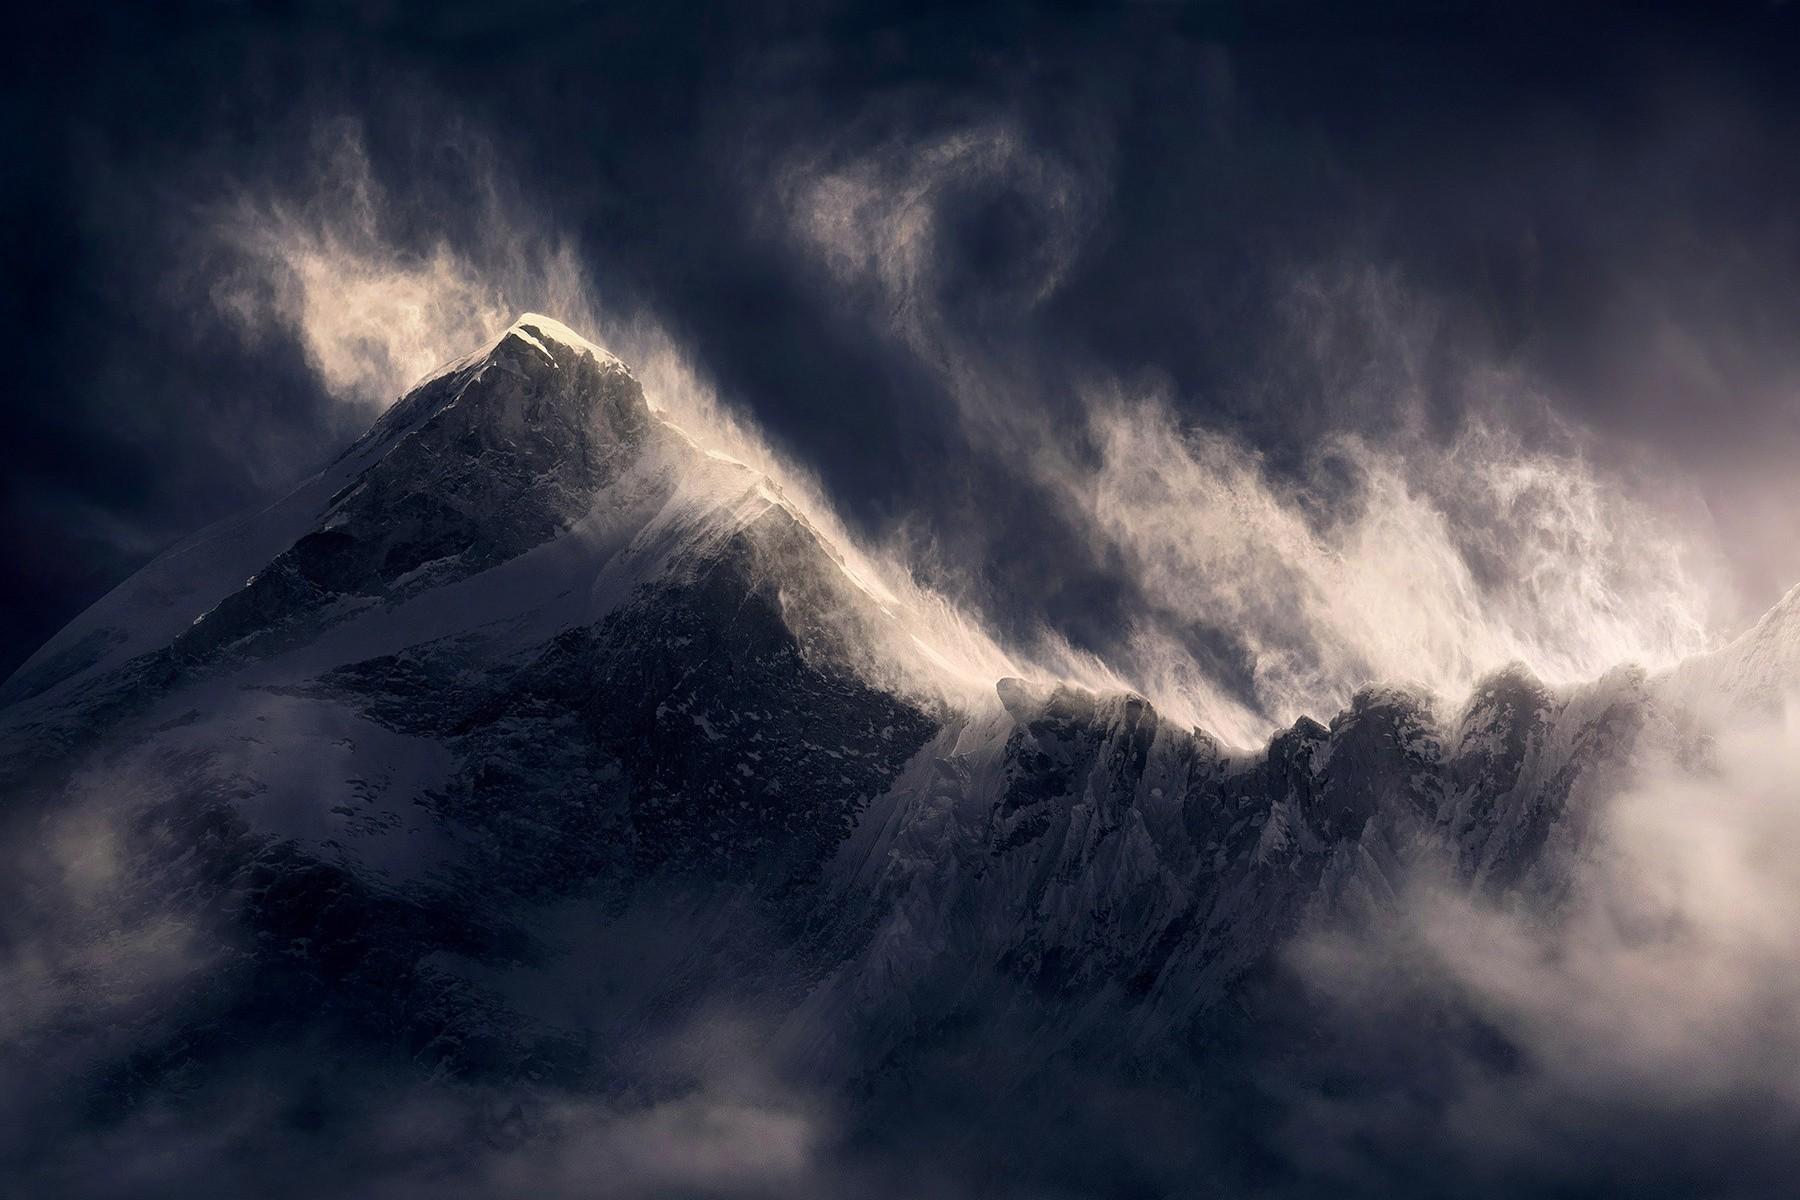 ветер в горах фото там было